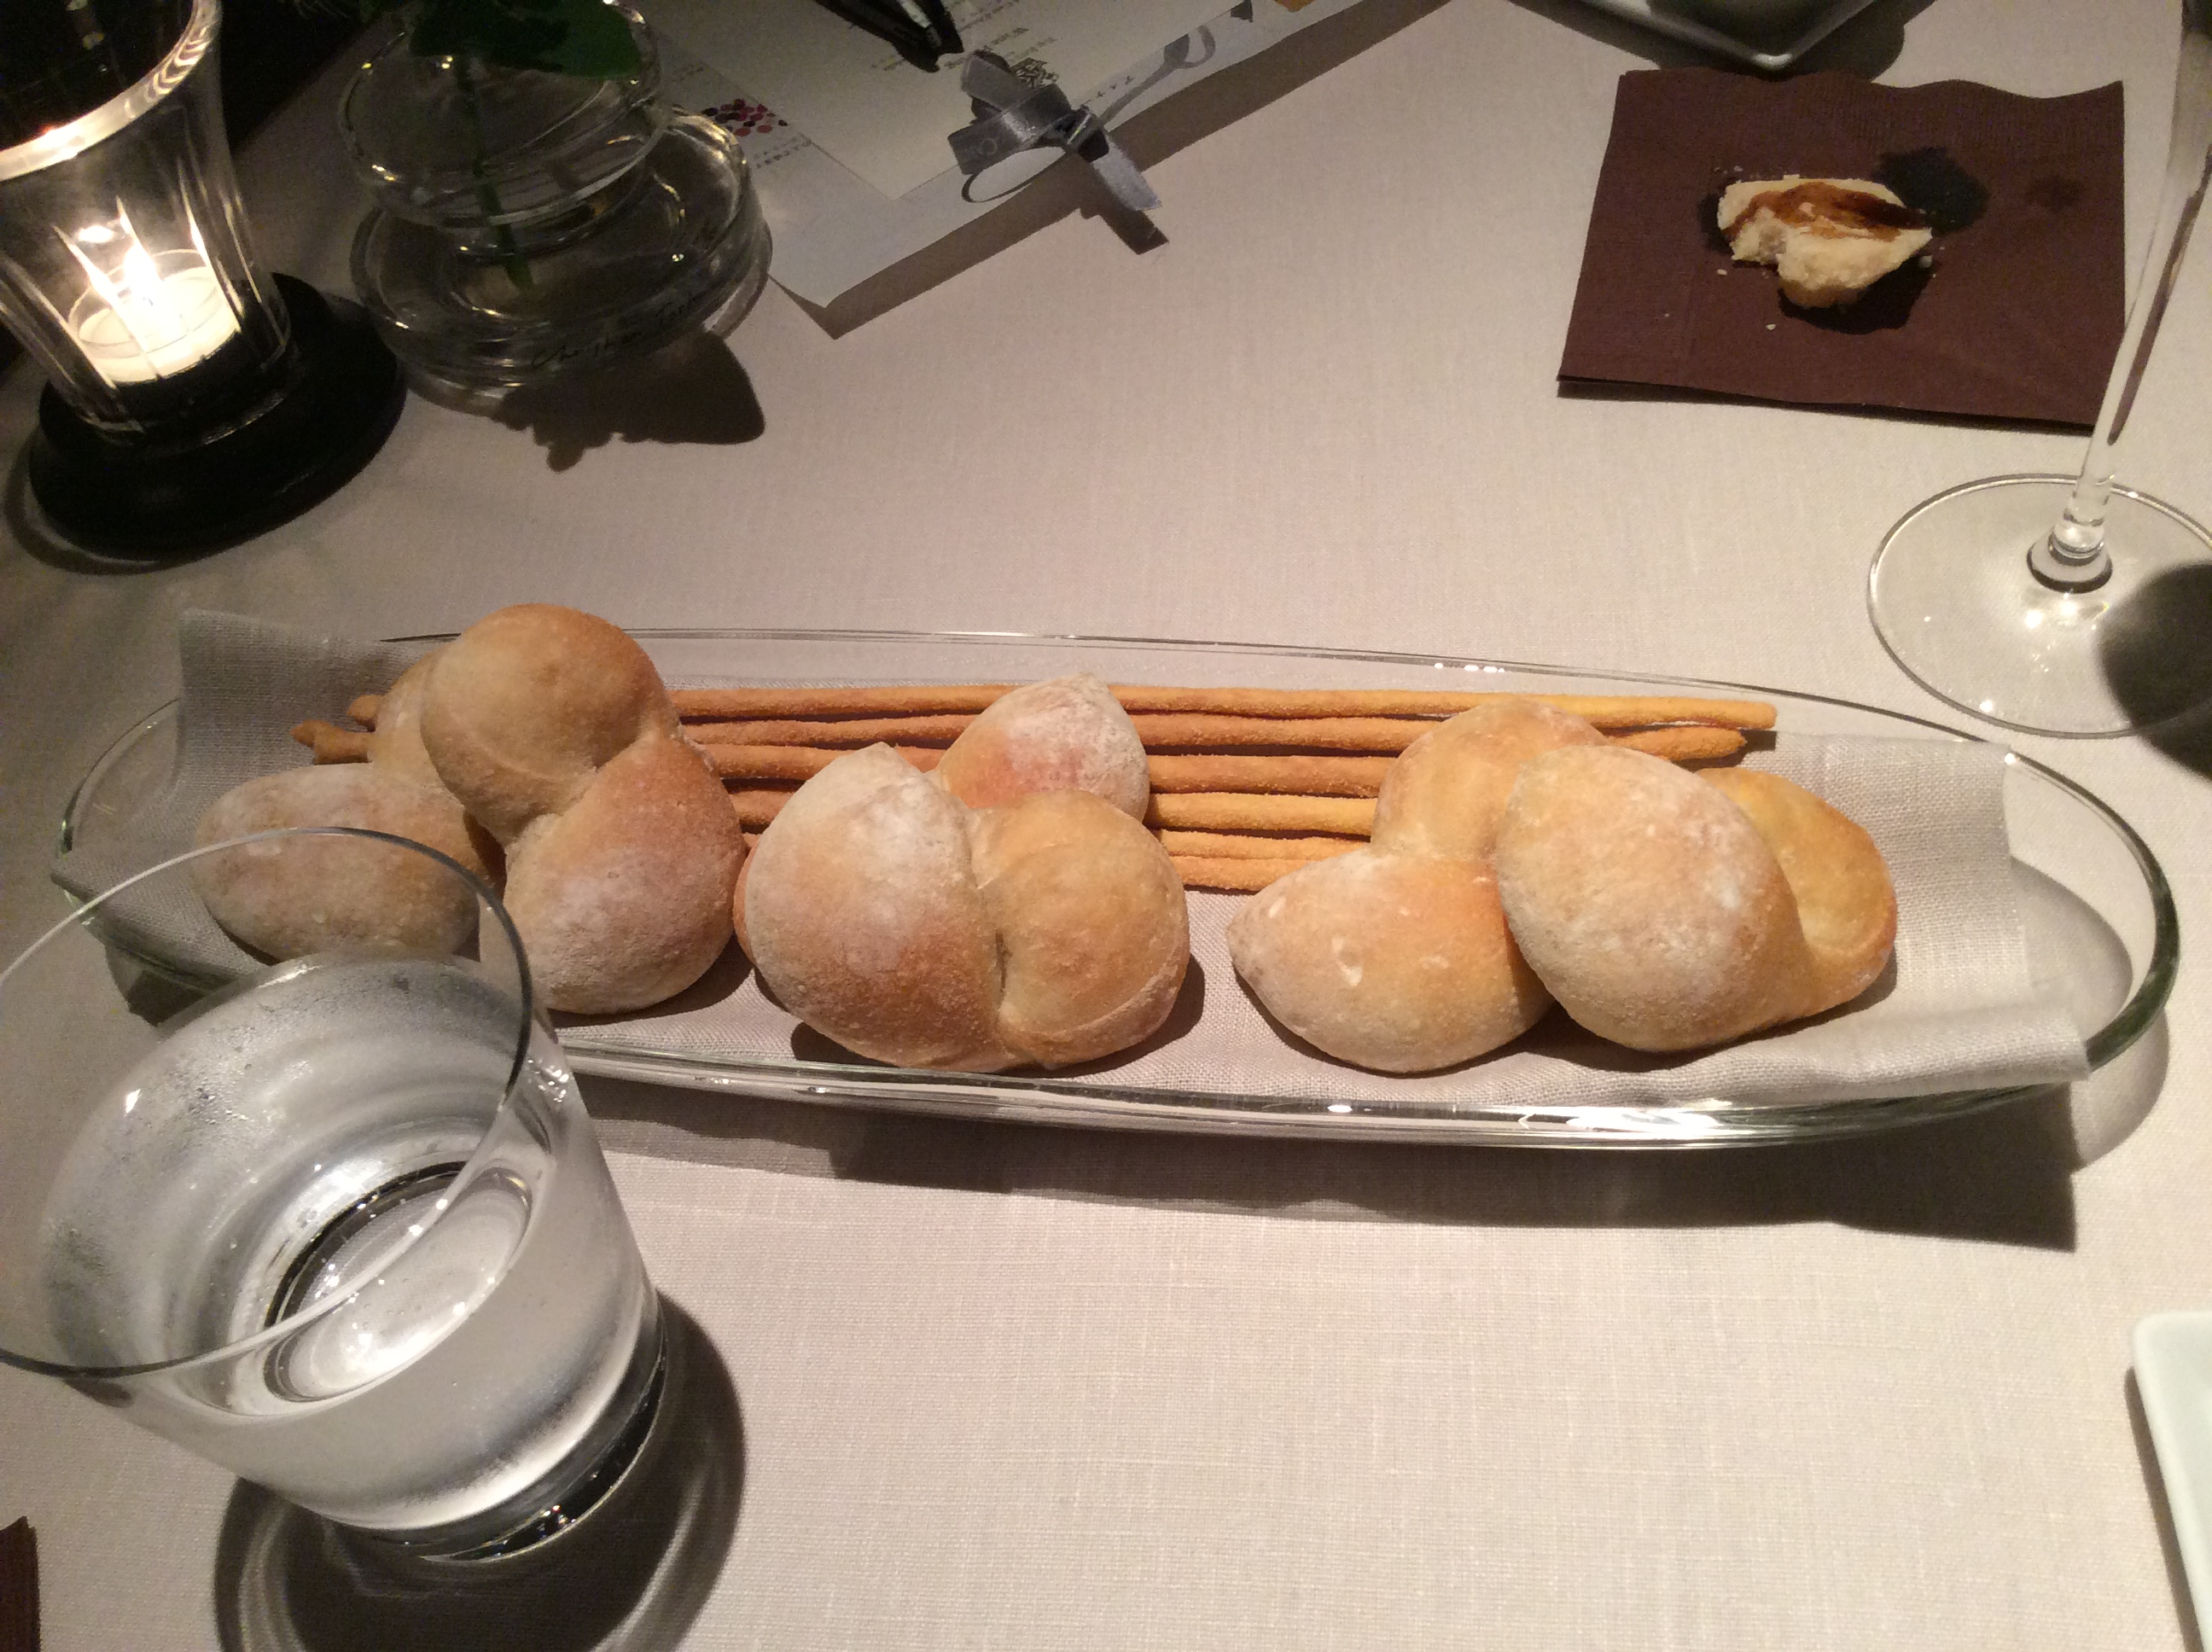 http://gourmet-italian.com/524.JPG